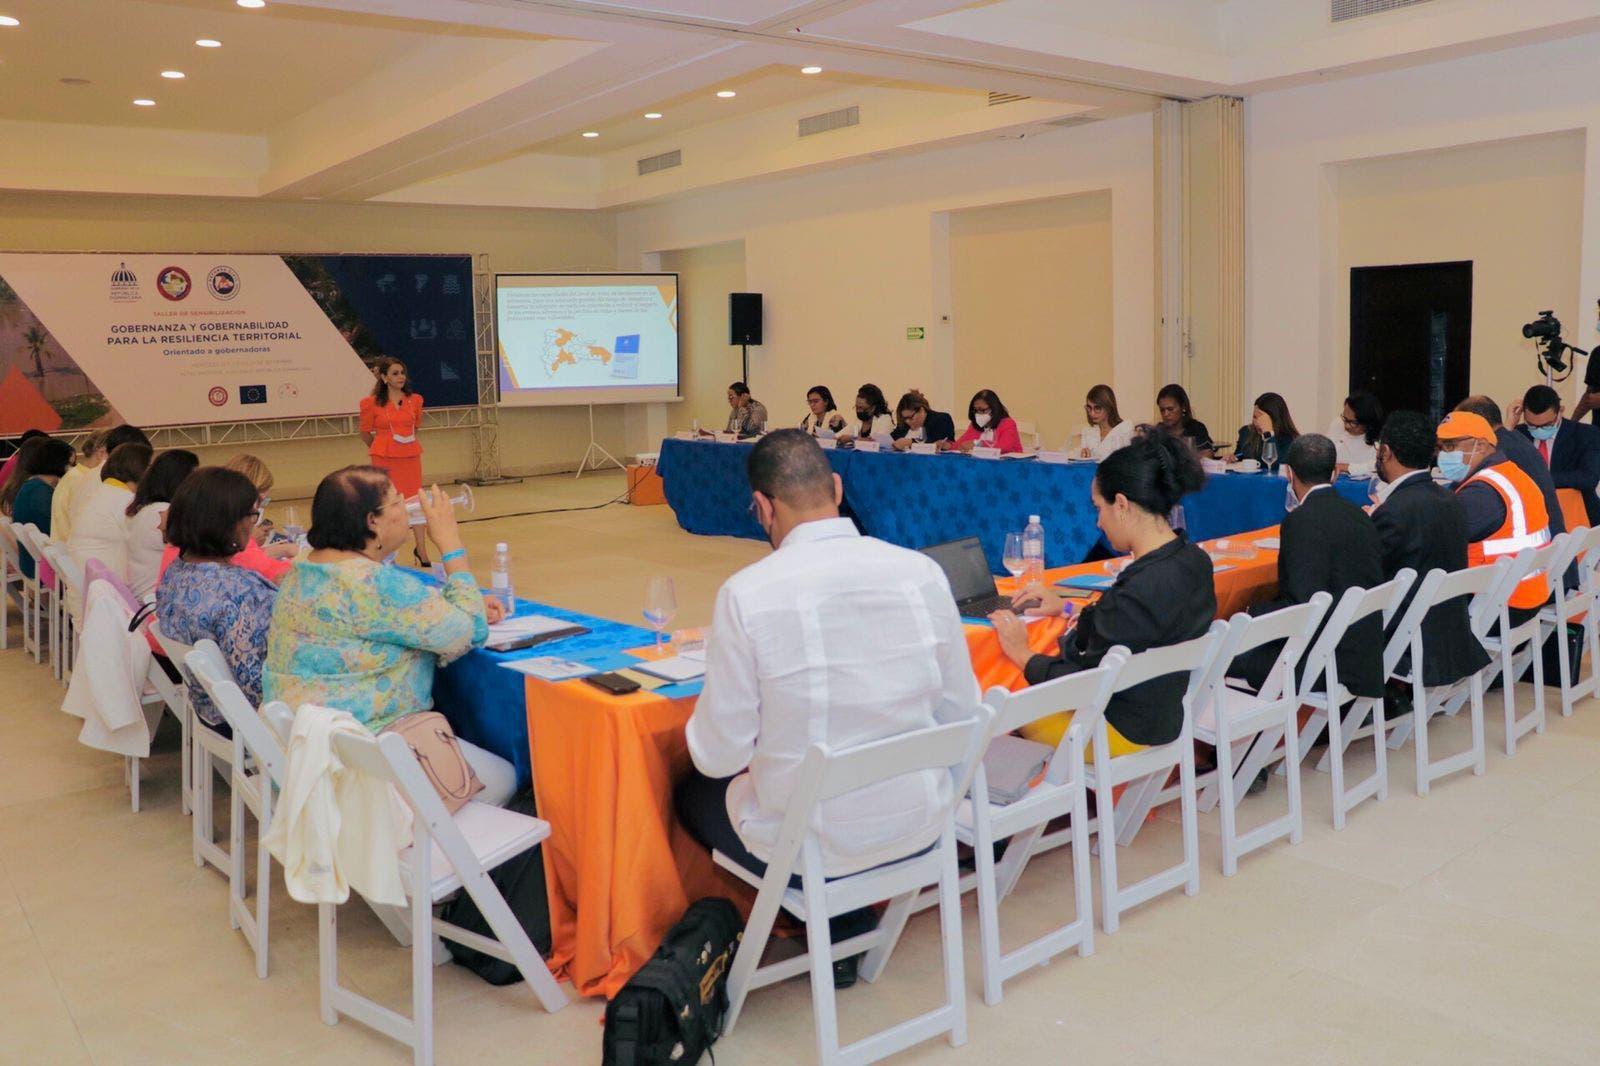 CNE y Defensa Civil imparten taller a gobernadoras para lograr resiliencia territorial